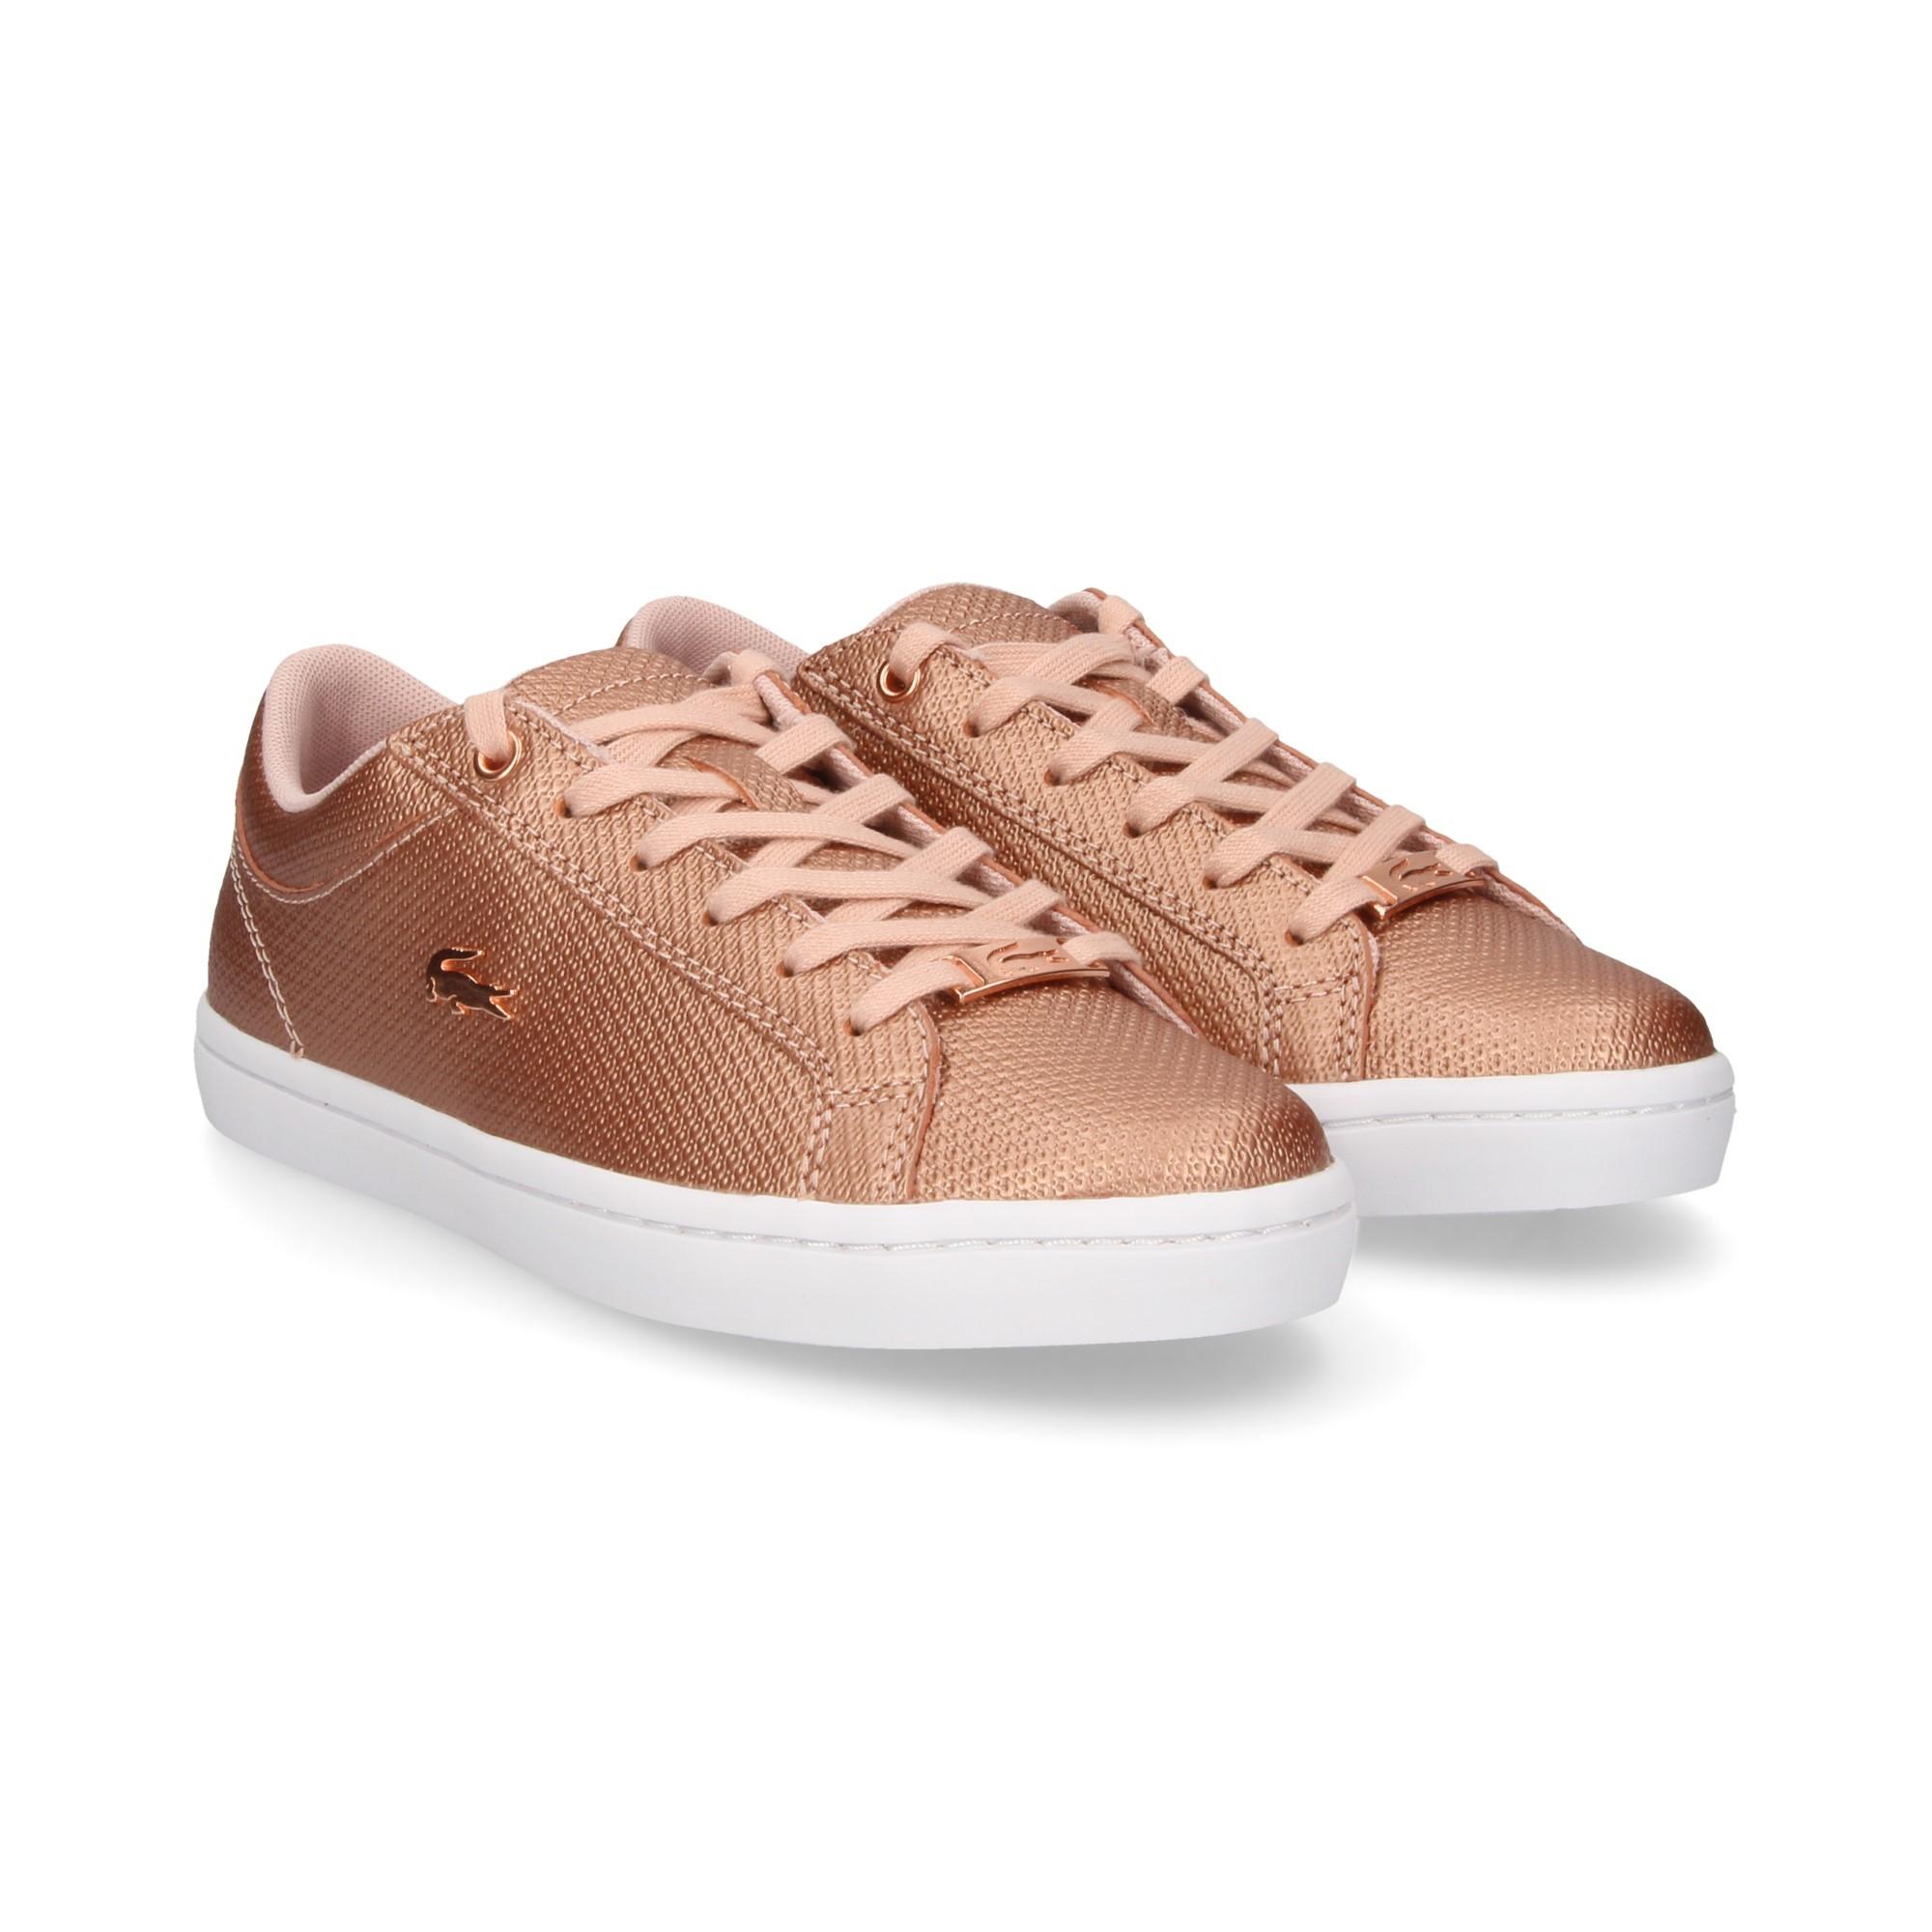 c3827178c5 LACOSTE Chaussures de sport pour femmes 36CAW0038 208 LT PNK/WHT